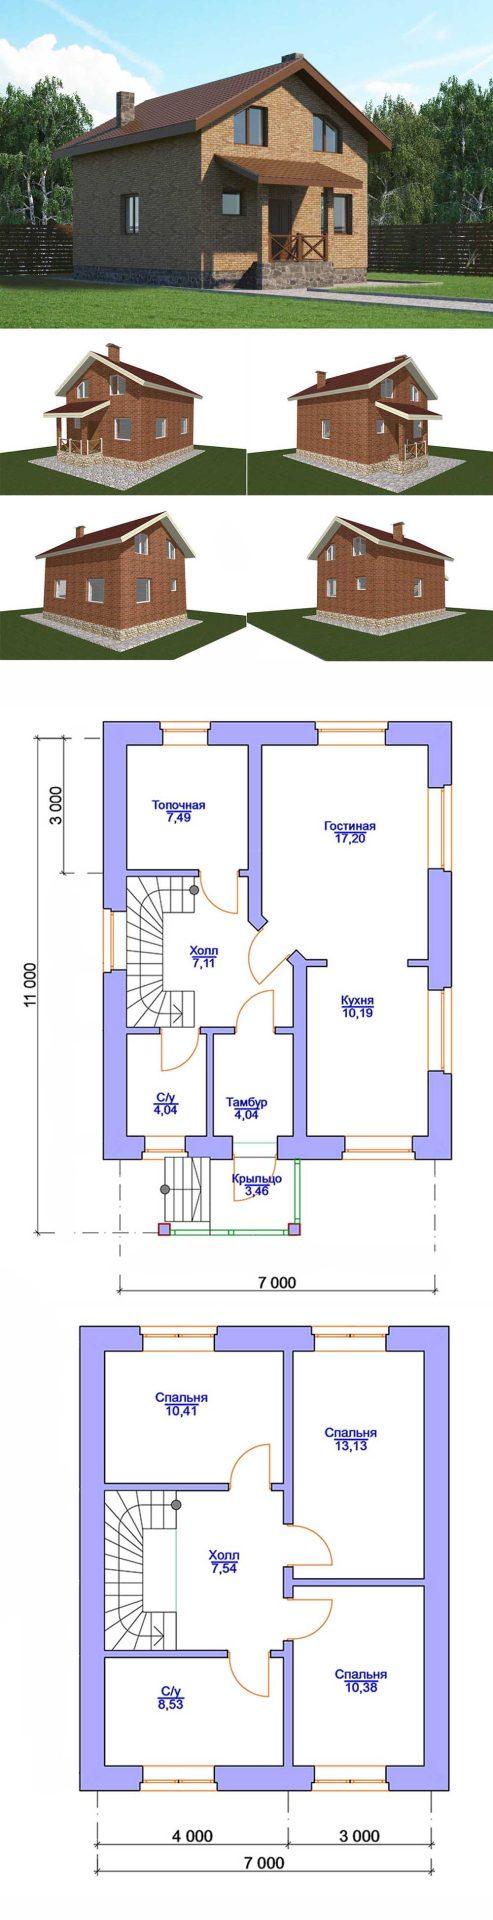 Проект дома с мансардой 7 на 11 метров